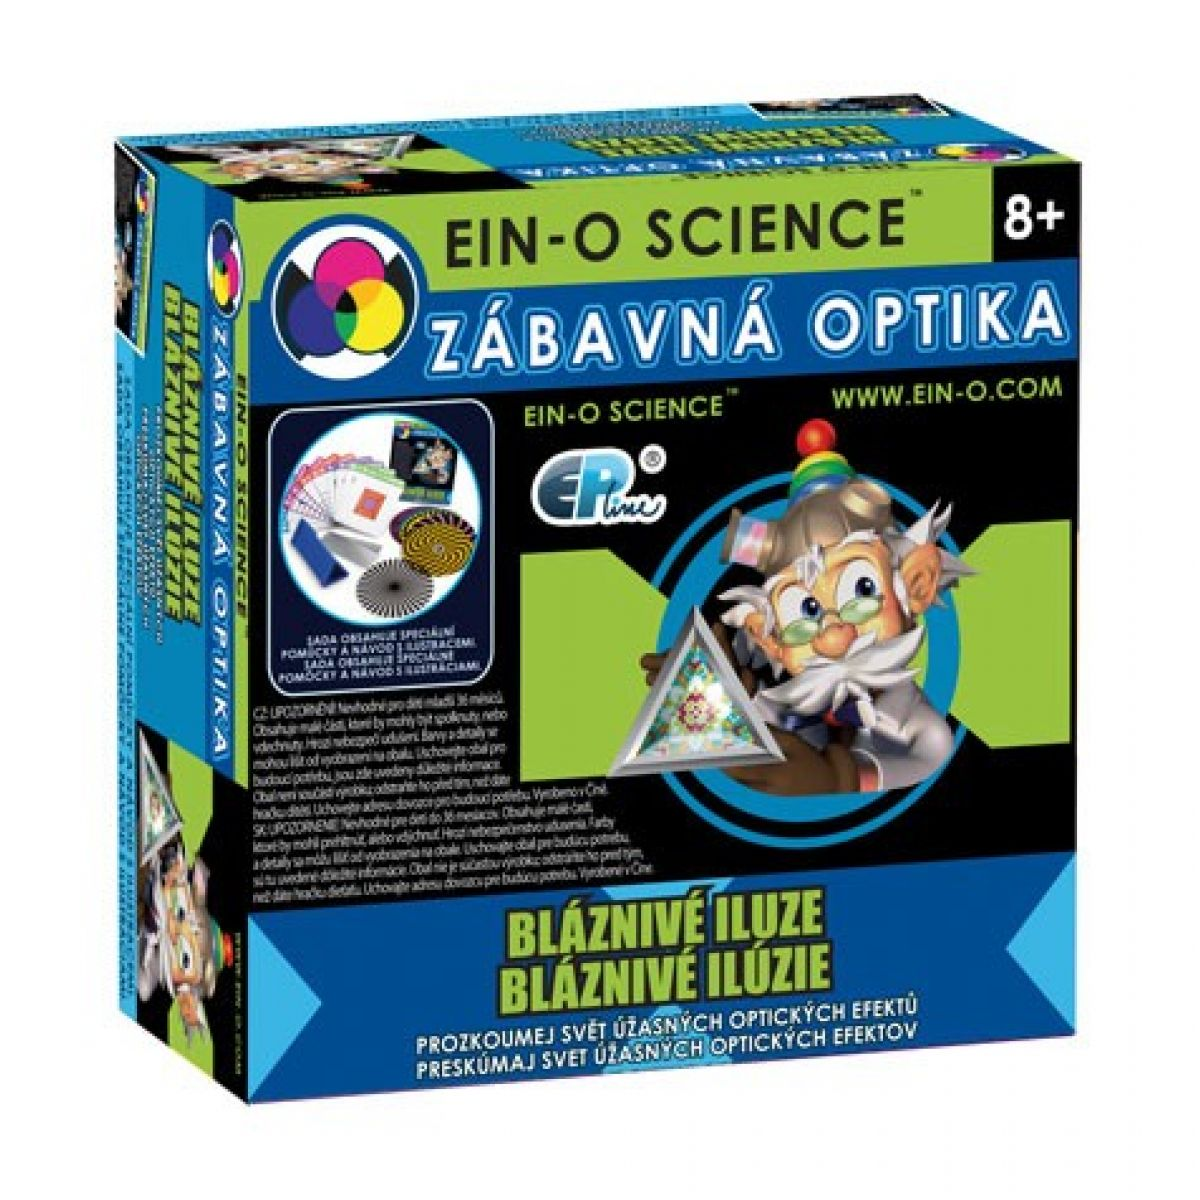 EIN-O Science Zábavná optika Bláznivé iluze